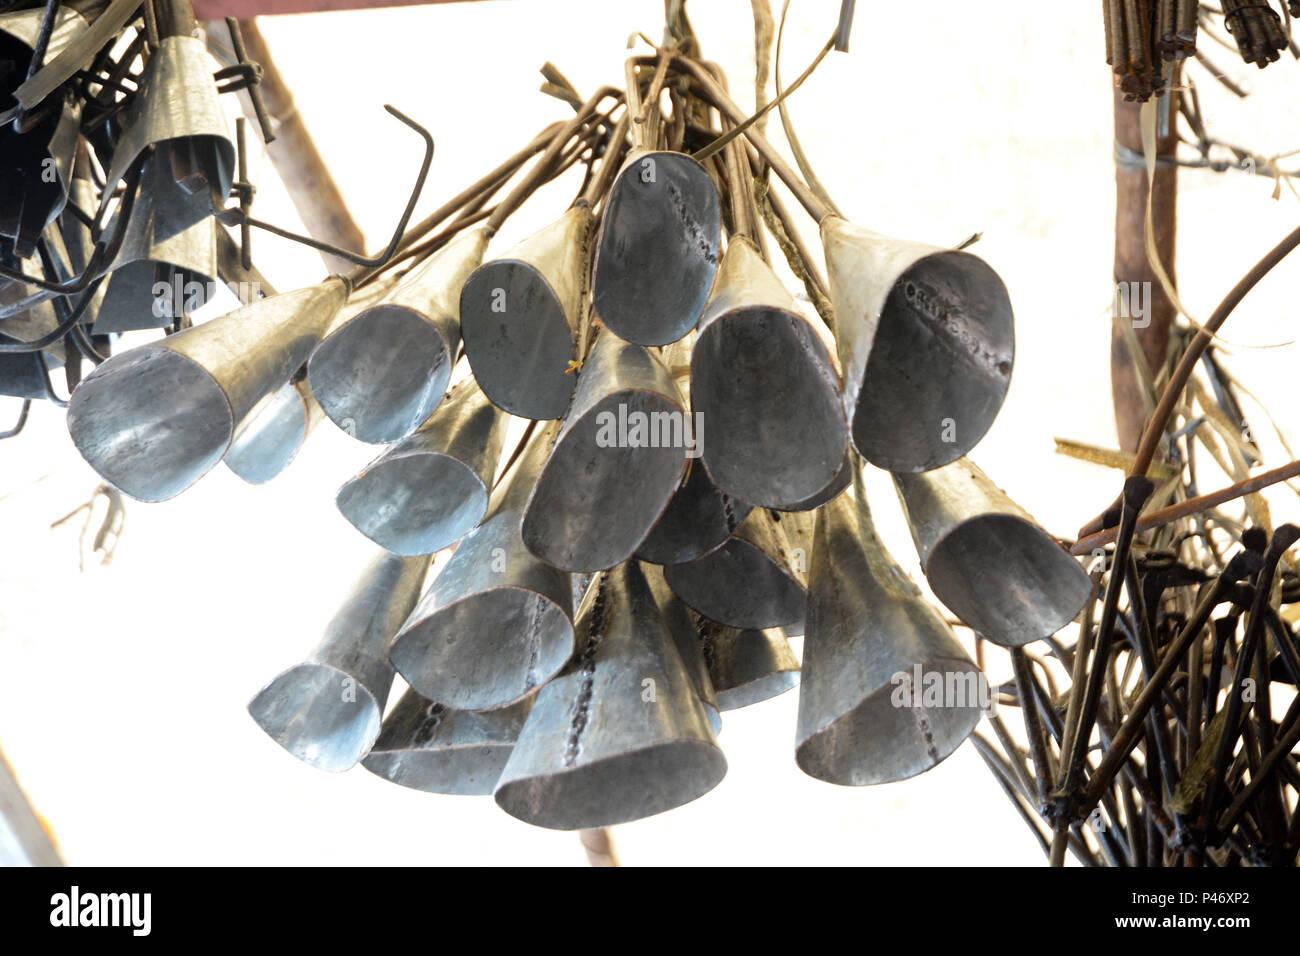 SALVADOR, BA - 26/12/2014: FEIRA DE SÃO JOAQUIM EM SALVADOR - Oh Agogô, ou Gan, instrumento tocado para marcar o Candomblé, também de tradição Alaketo. Feira de São Joaquim, em Salvador/BA. (Foto: Mauro Akin Nassor / Fotoarena) Foto de stock